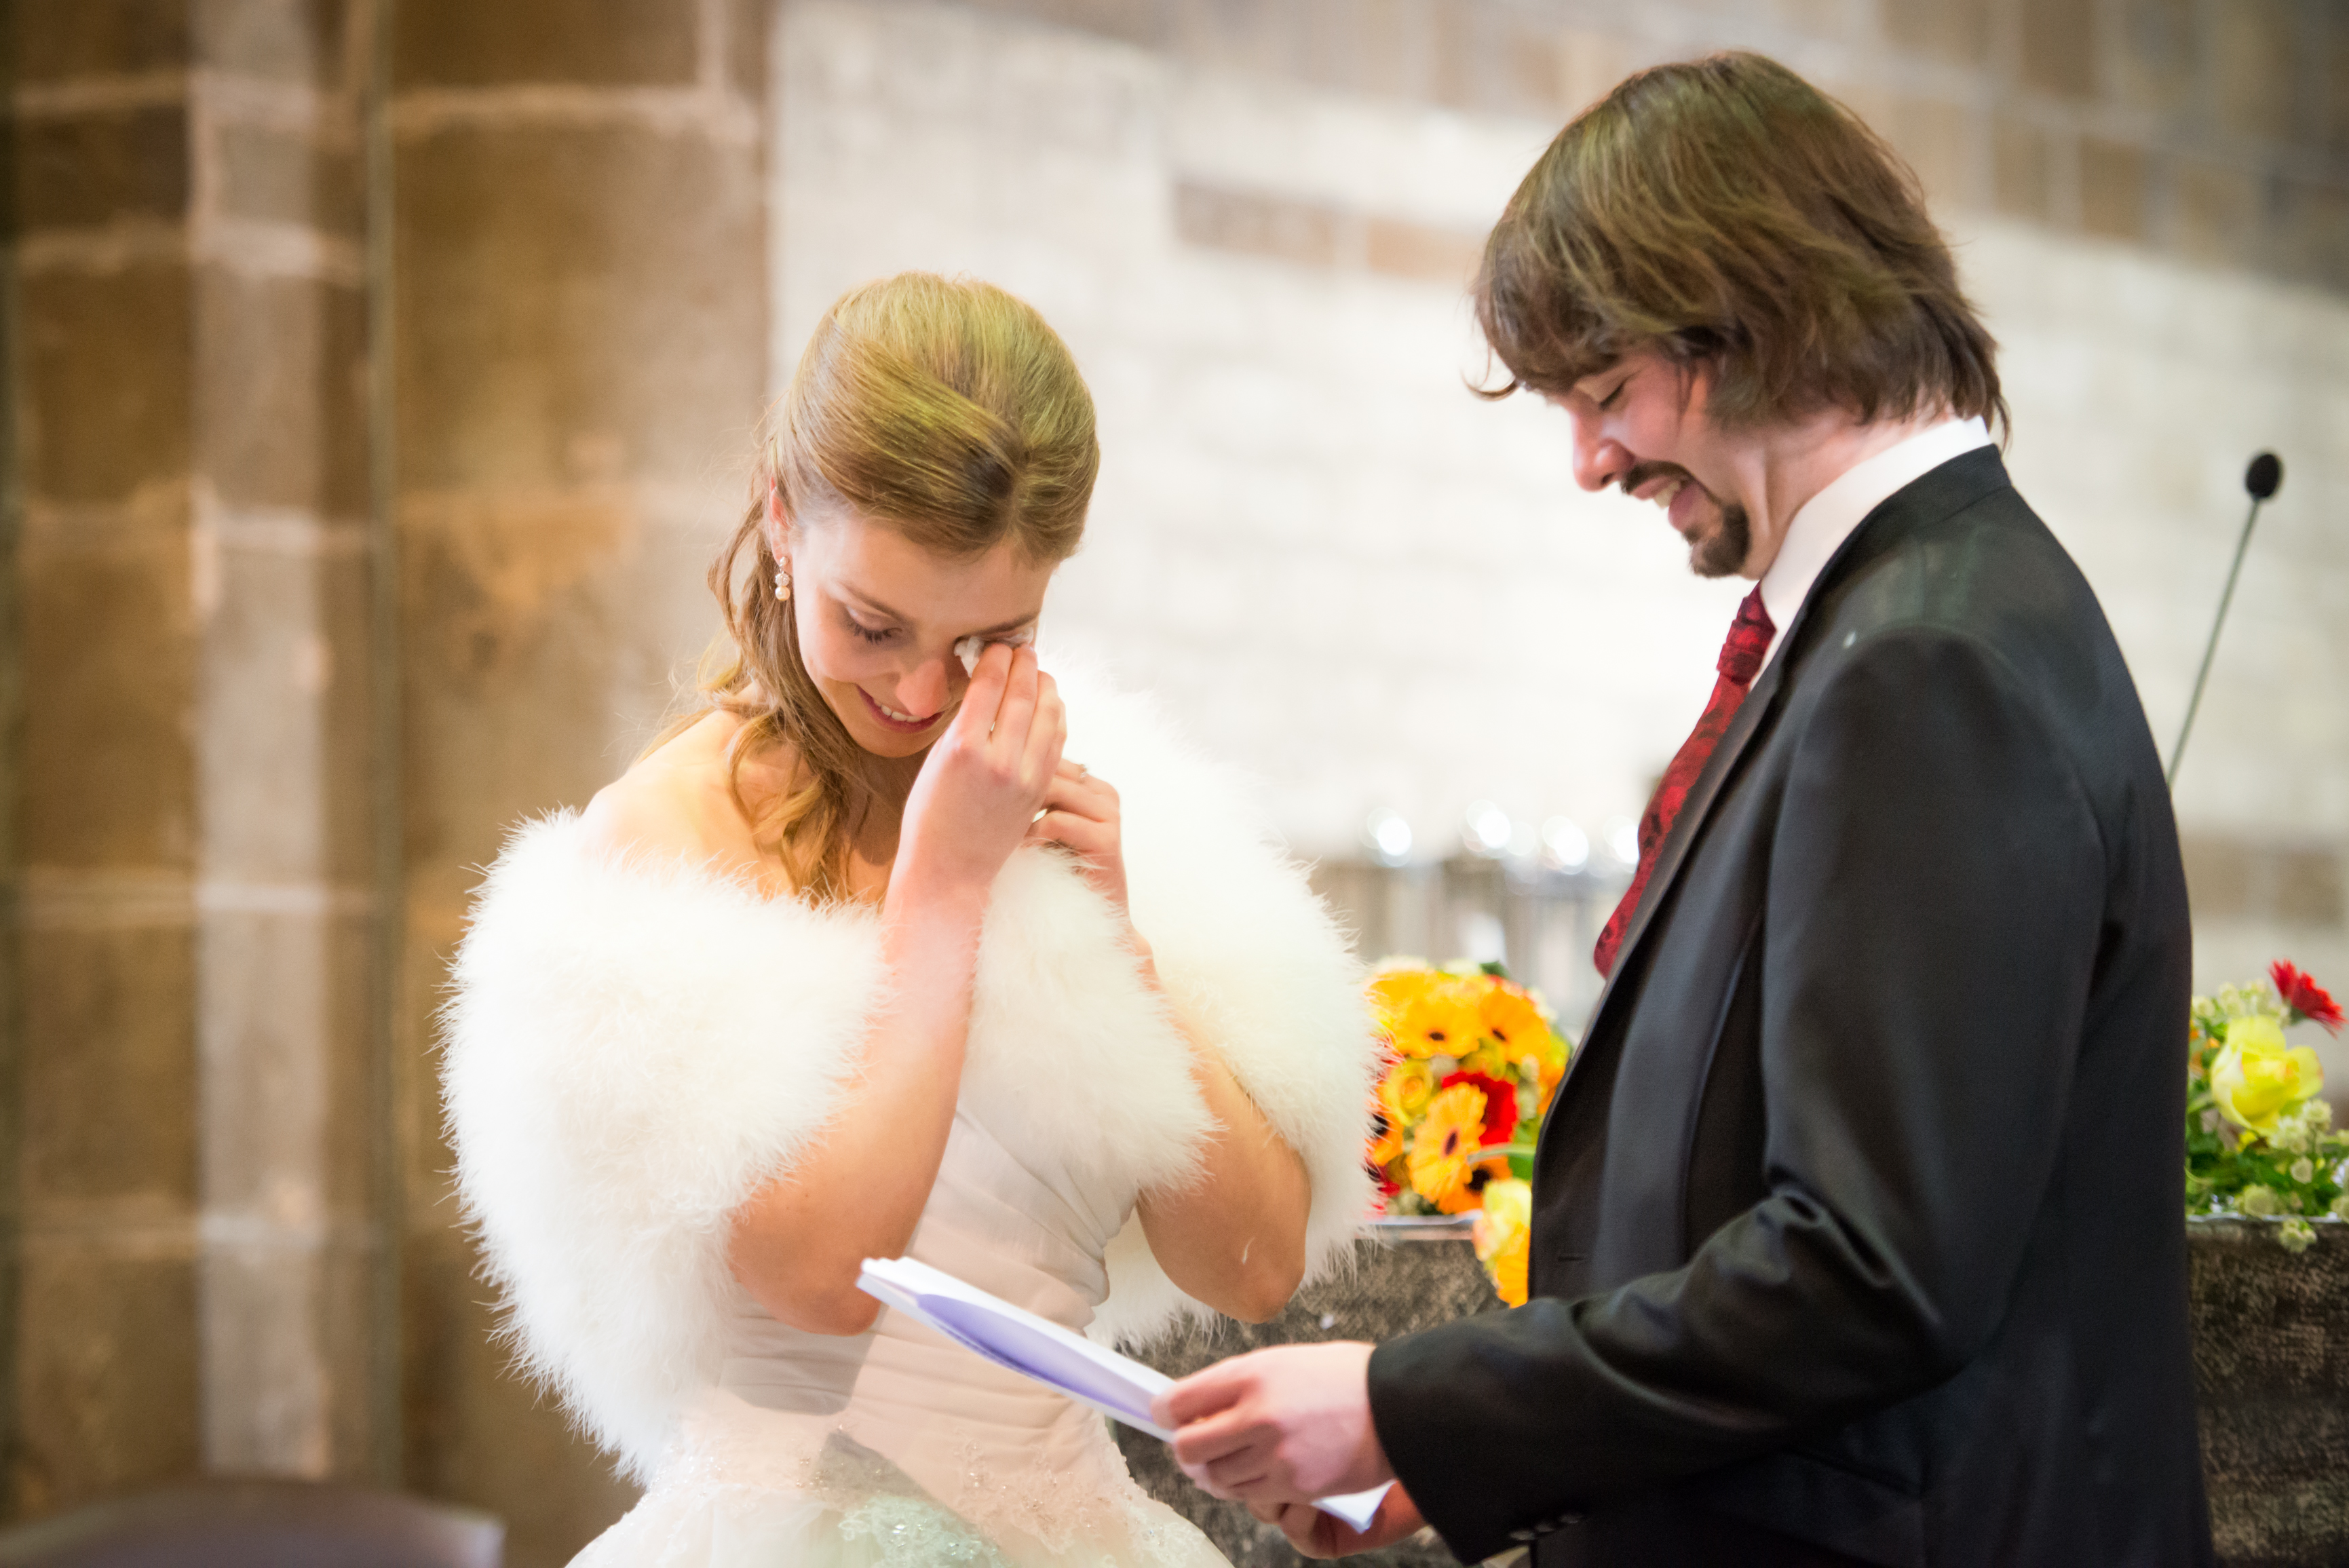 traantje tijdens de kerkelijke trouw Willem De Leeuw trouwreportage